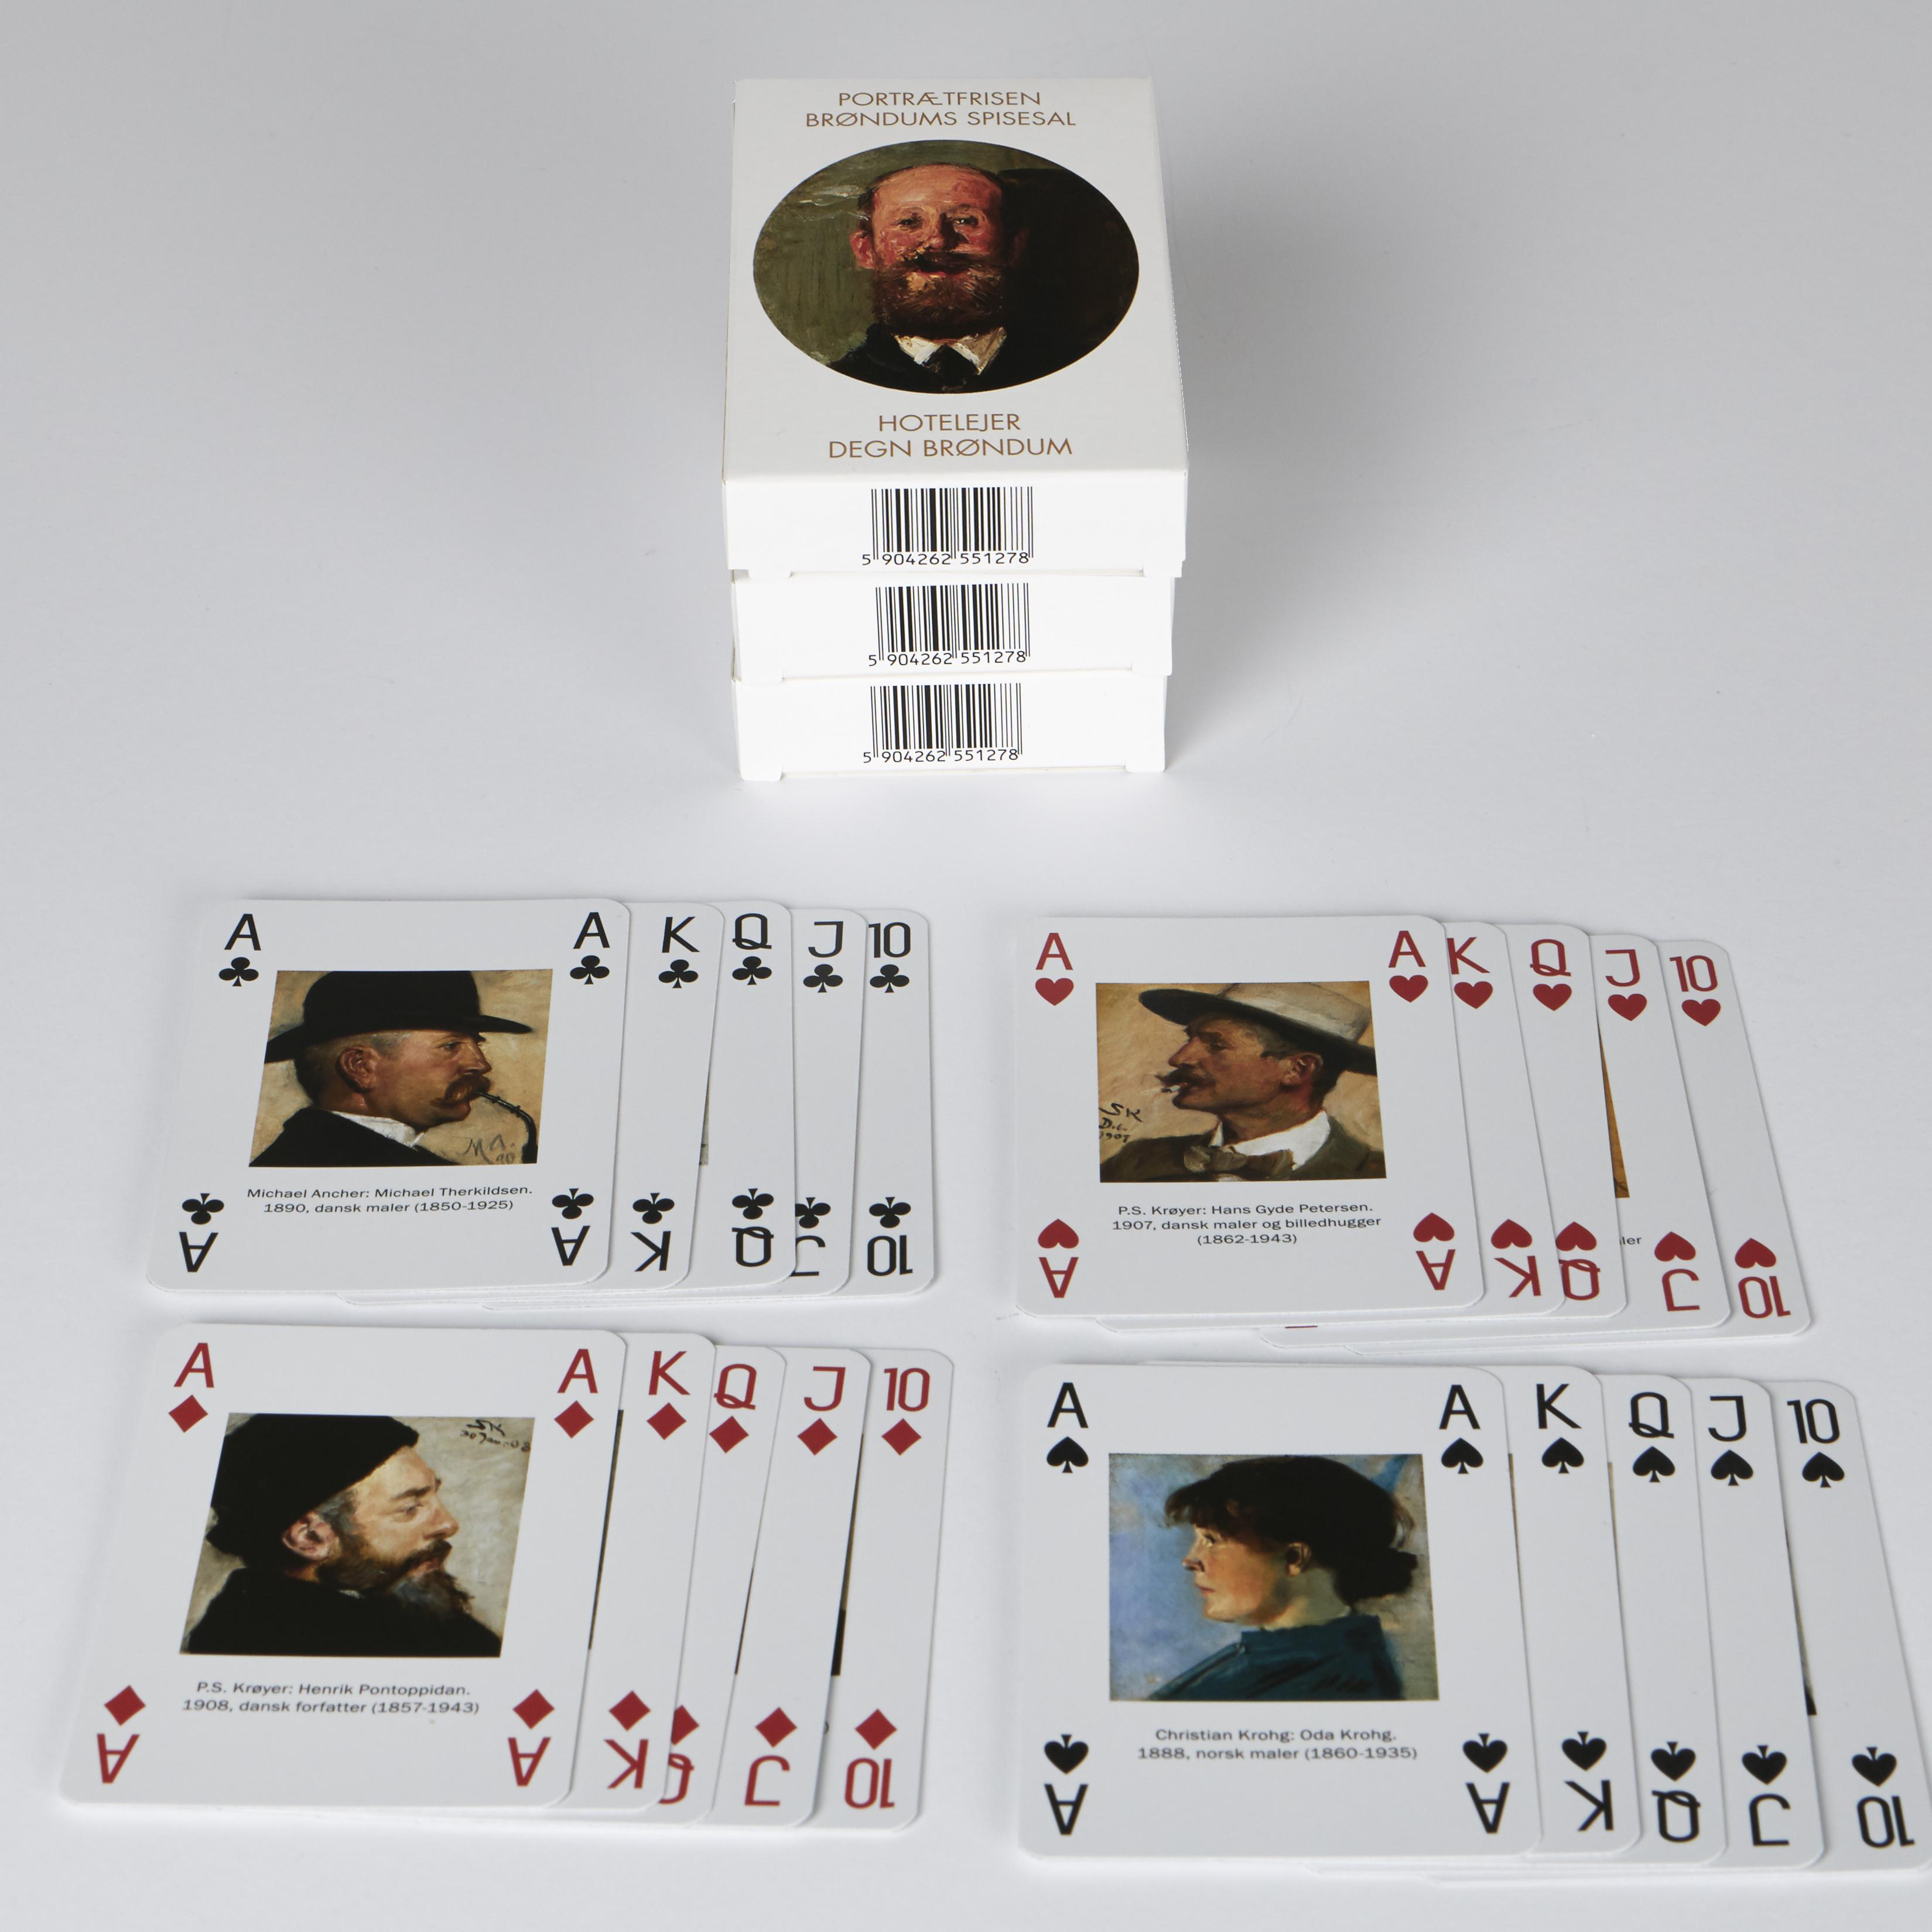 Spillekort | Æske 1 | Portrætfrisen fra Brøndums spisesal